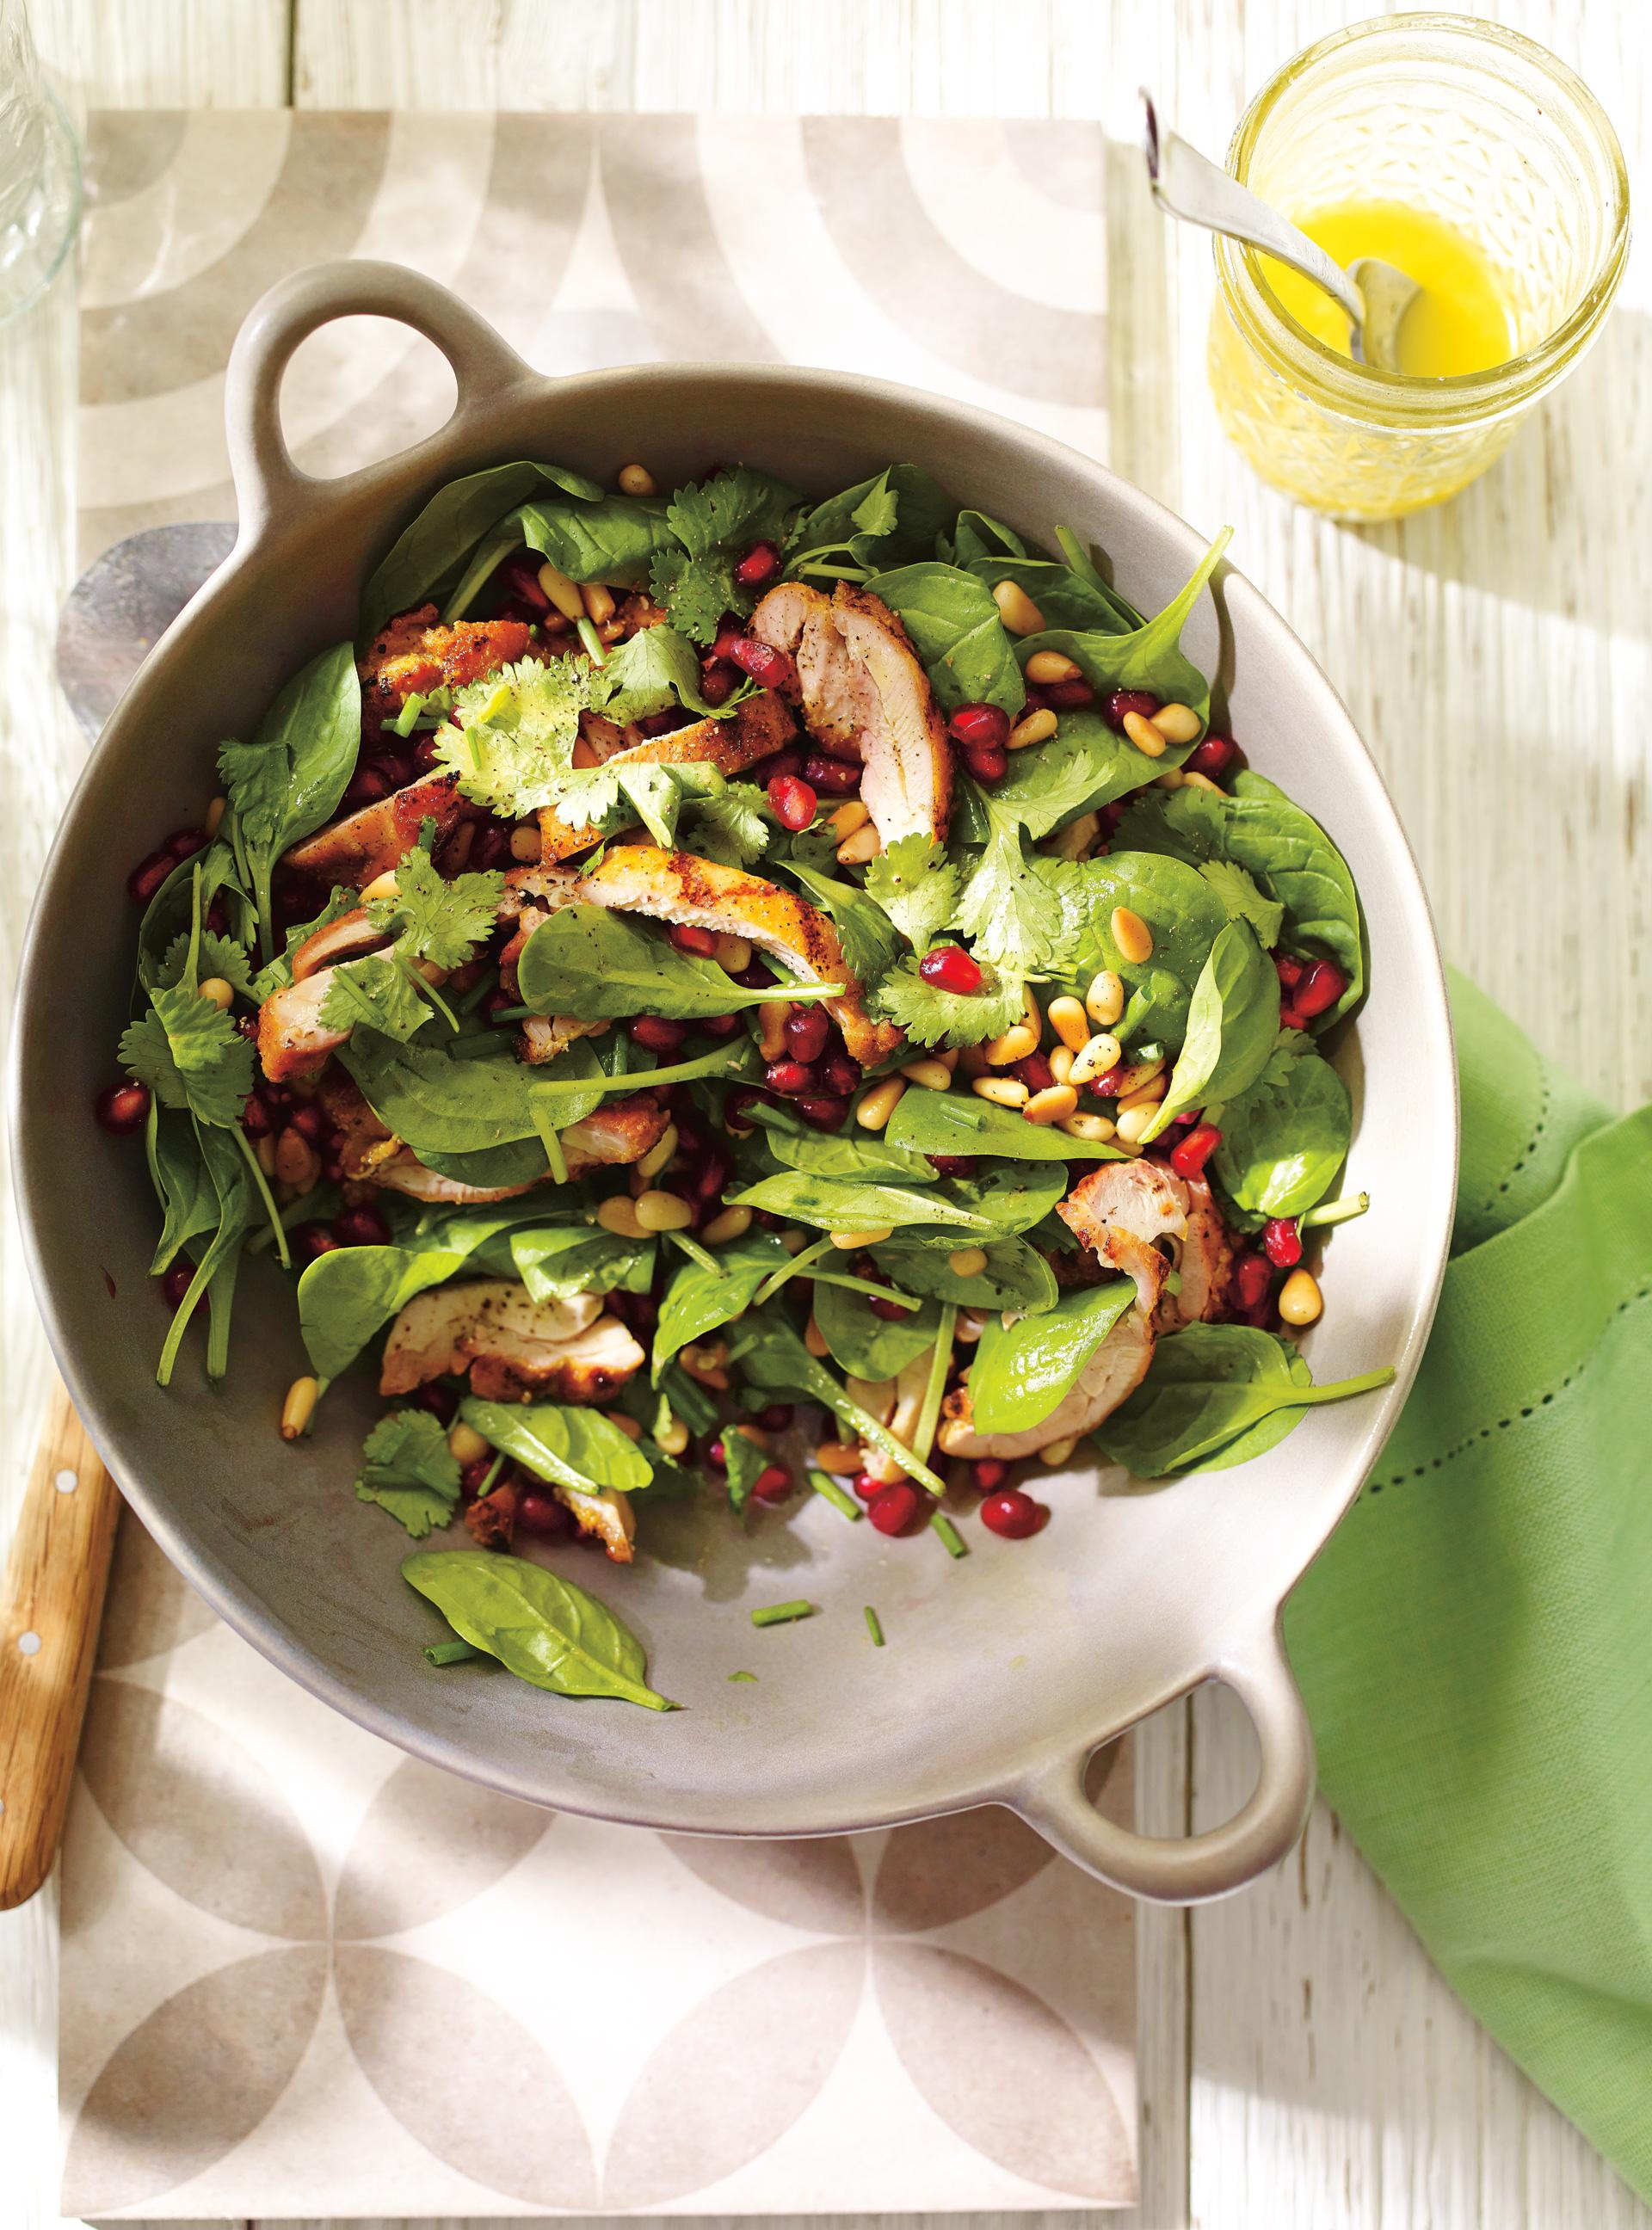 Salade d pinards et de poulet grill la grenade et aux - Accompagnement sardines grillees barbecue ...